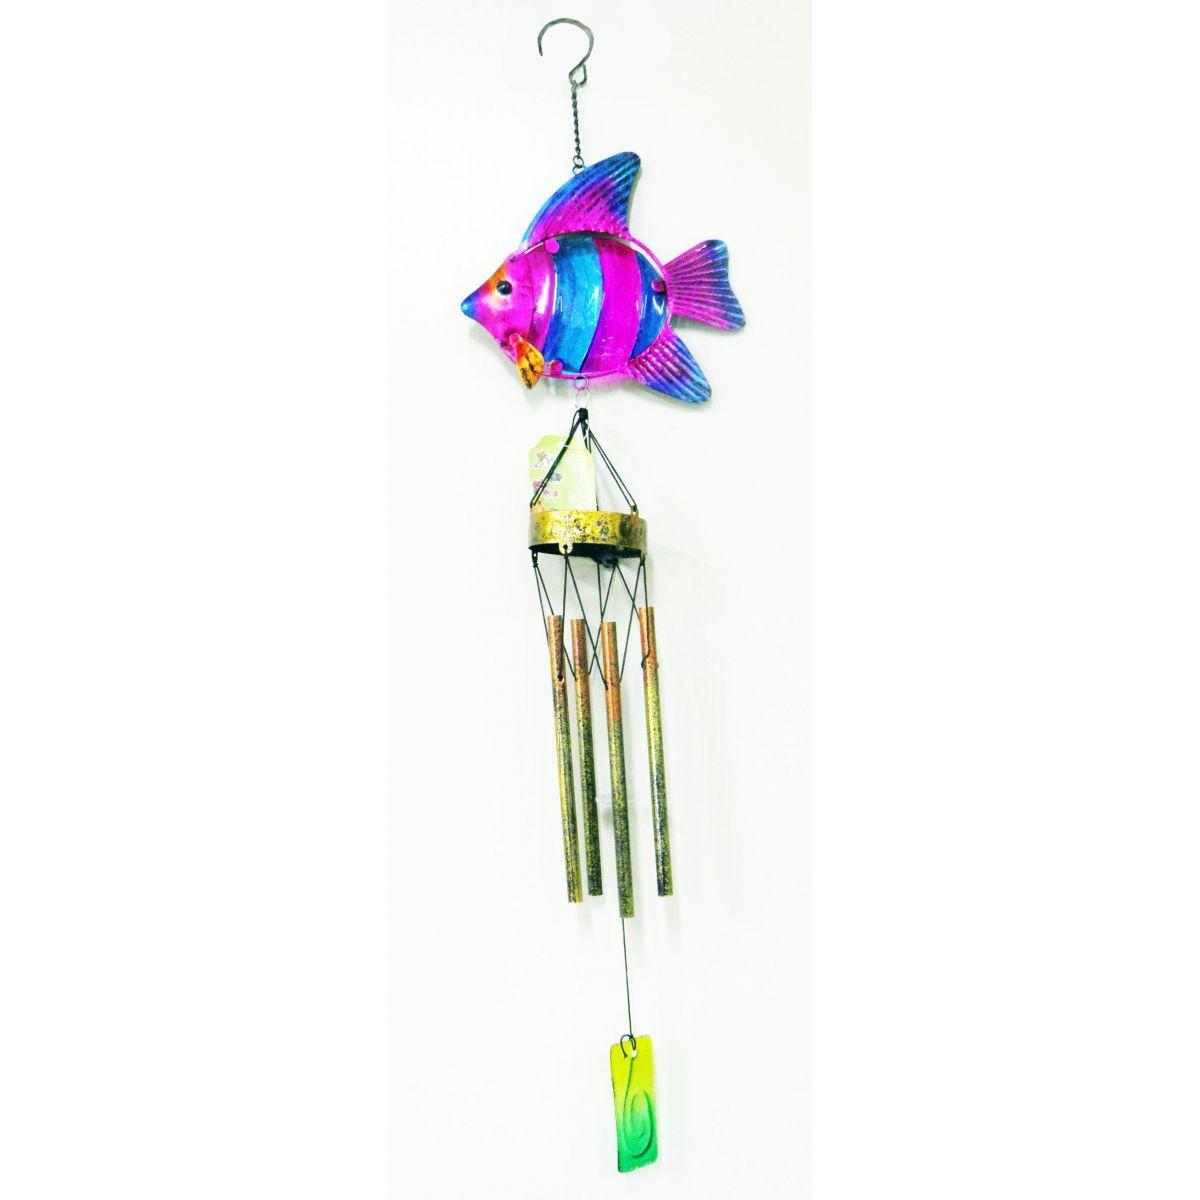 Sino Ventos Tradicional Peixe Colorido Aluminio Rosa